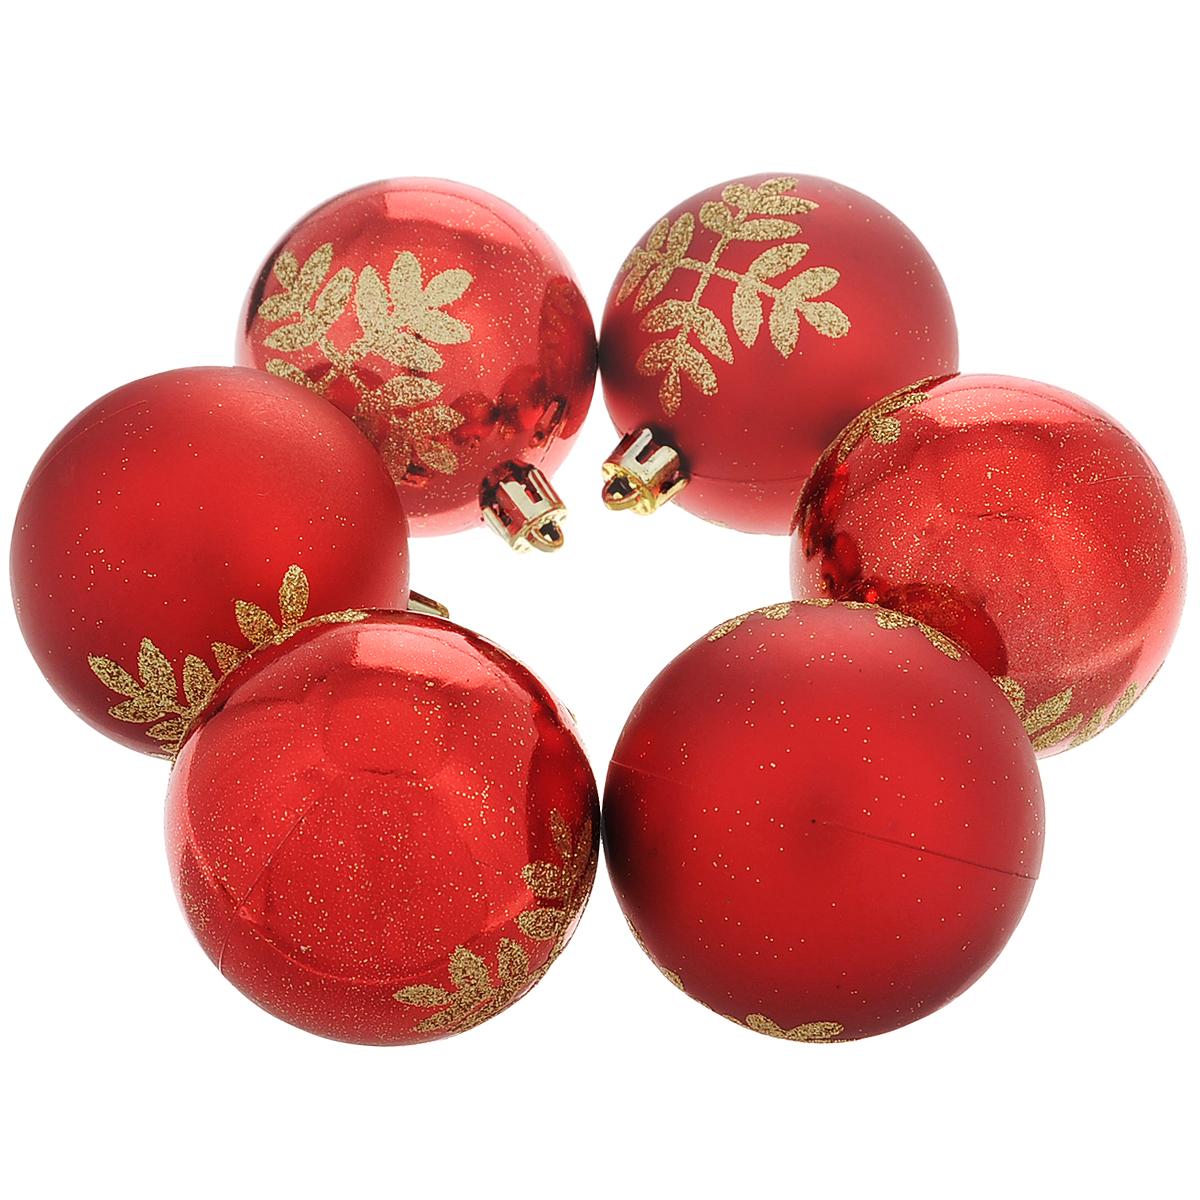 Набор новогодних подвесных украшений Шар, цвет: красный, золотистый, диаметр 6 см, 6 шт. 3550835508Набор новогодних подвесных украшений Шар прекрасно подойдет для праздничного декора новогодней ели. Состоит из шести шаров. Елочная игрушка - символ Нового года. Она несет в себе волшебство и красоту праздника. Создайте в своем доме атмосферу веселья и радости, украшая новогоднюю елку нарядными игрушками, которые будут из года в год накапливать теплоту воспоминаний. Коллекция декоративных украшений принесет в ваш дом ни с чем несравнимое ощущение волшебства! Откройте для себя удивительный мир сказок и грез. Почувствуйте волшебные минуты ожидания праздника, создайте новогоднее настроение вашим дорогим и близким.